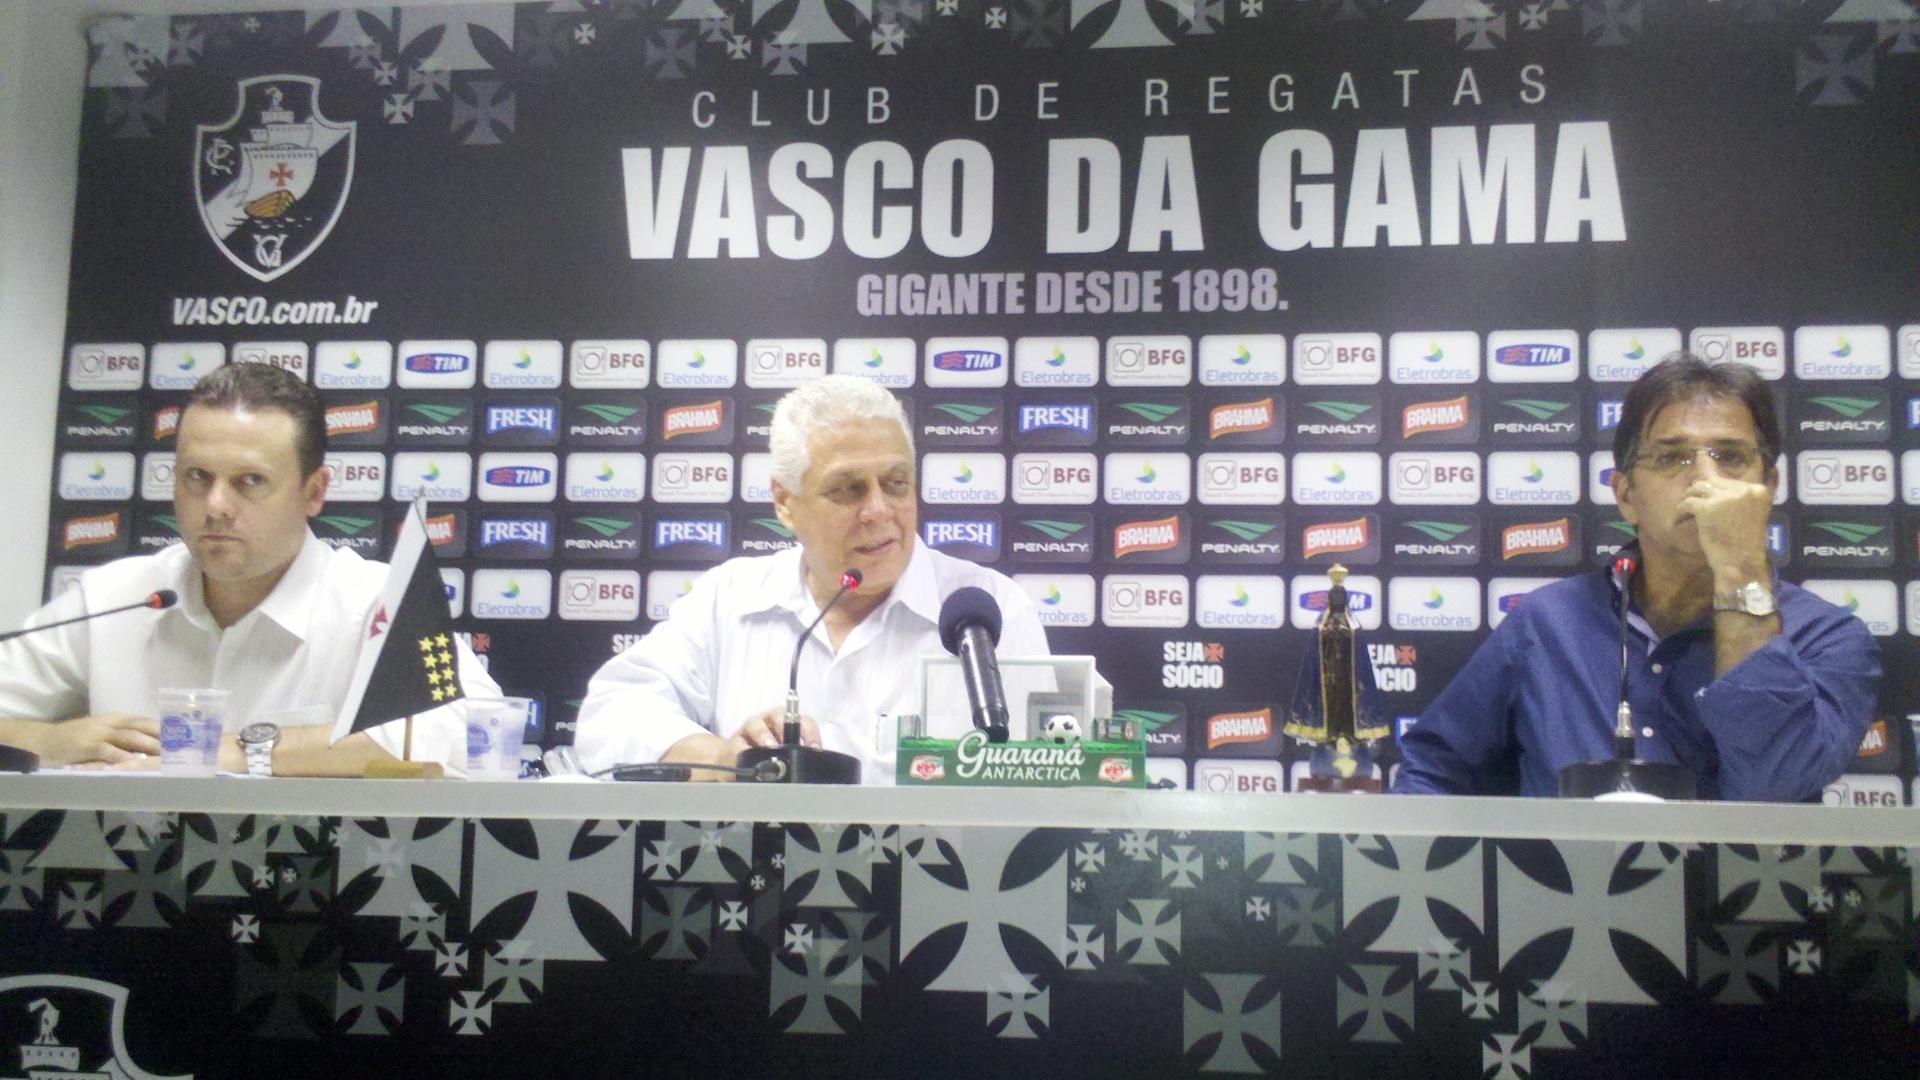 Presidente do Vasco, Roberto Dinamite (centro), concede entrevista ao lado do diretor executivo, Cristiano Koehler (e) e do diretor executivo René Simões